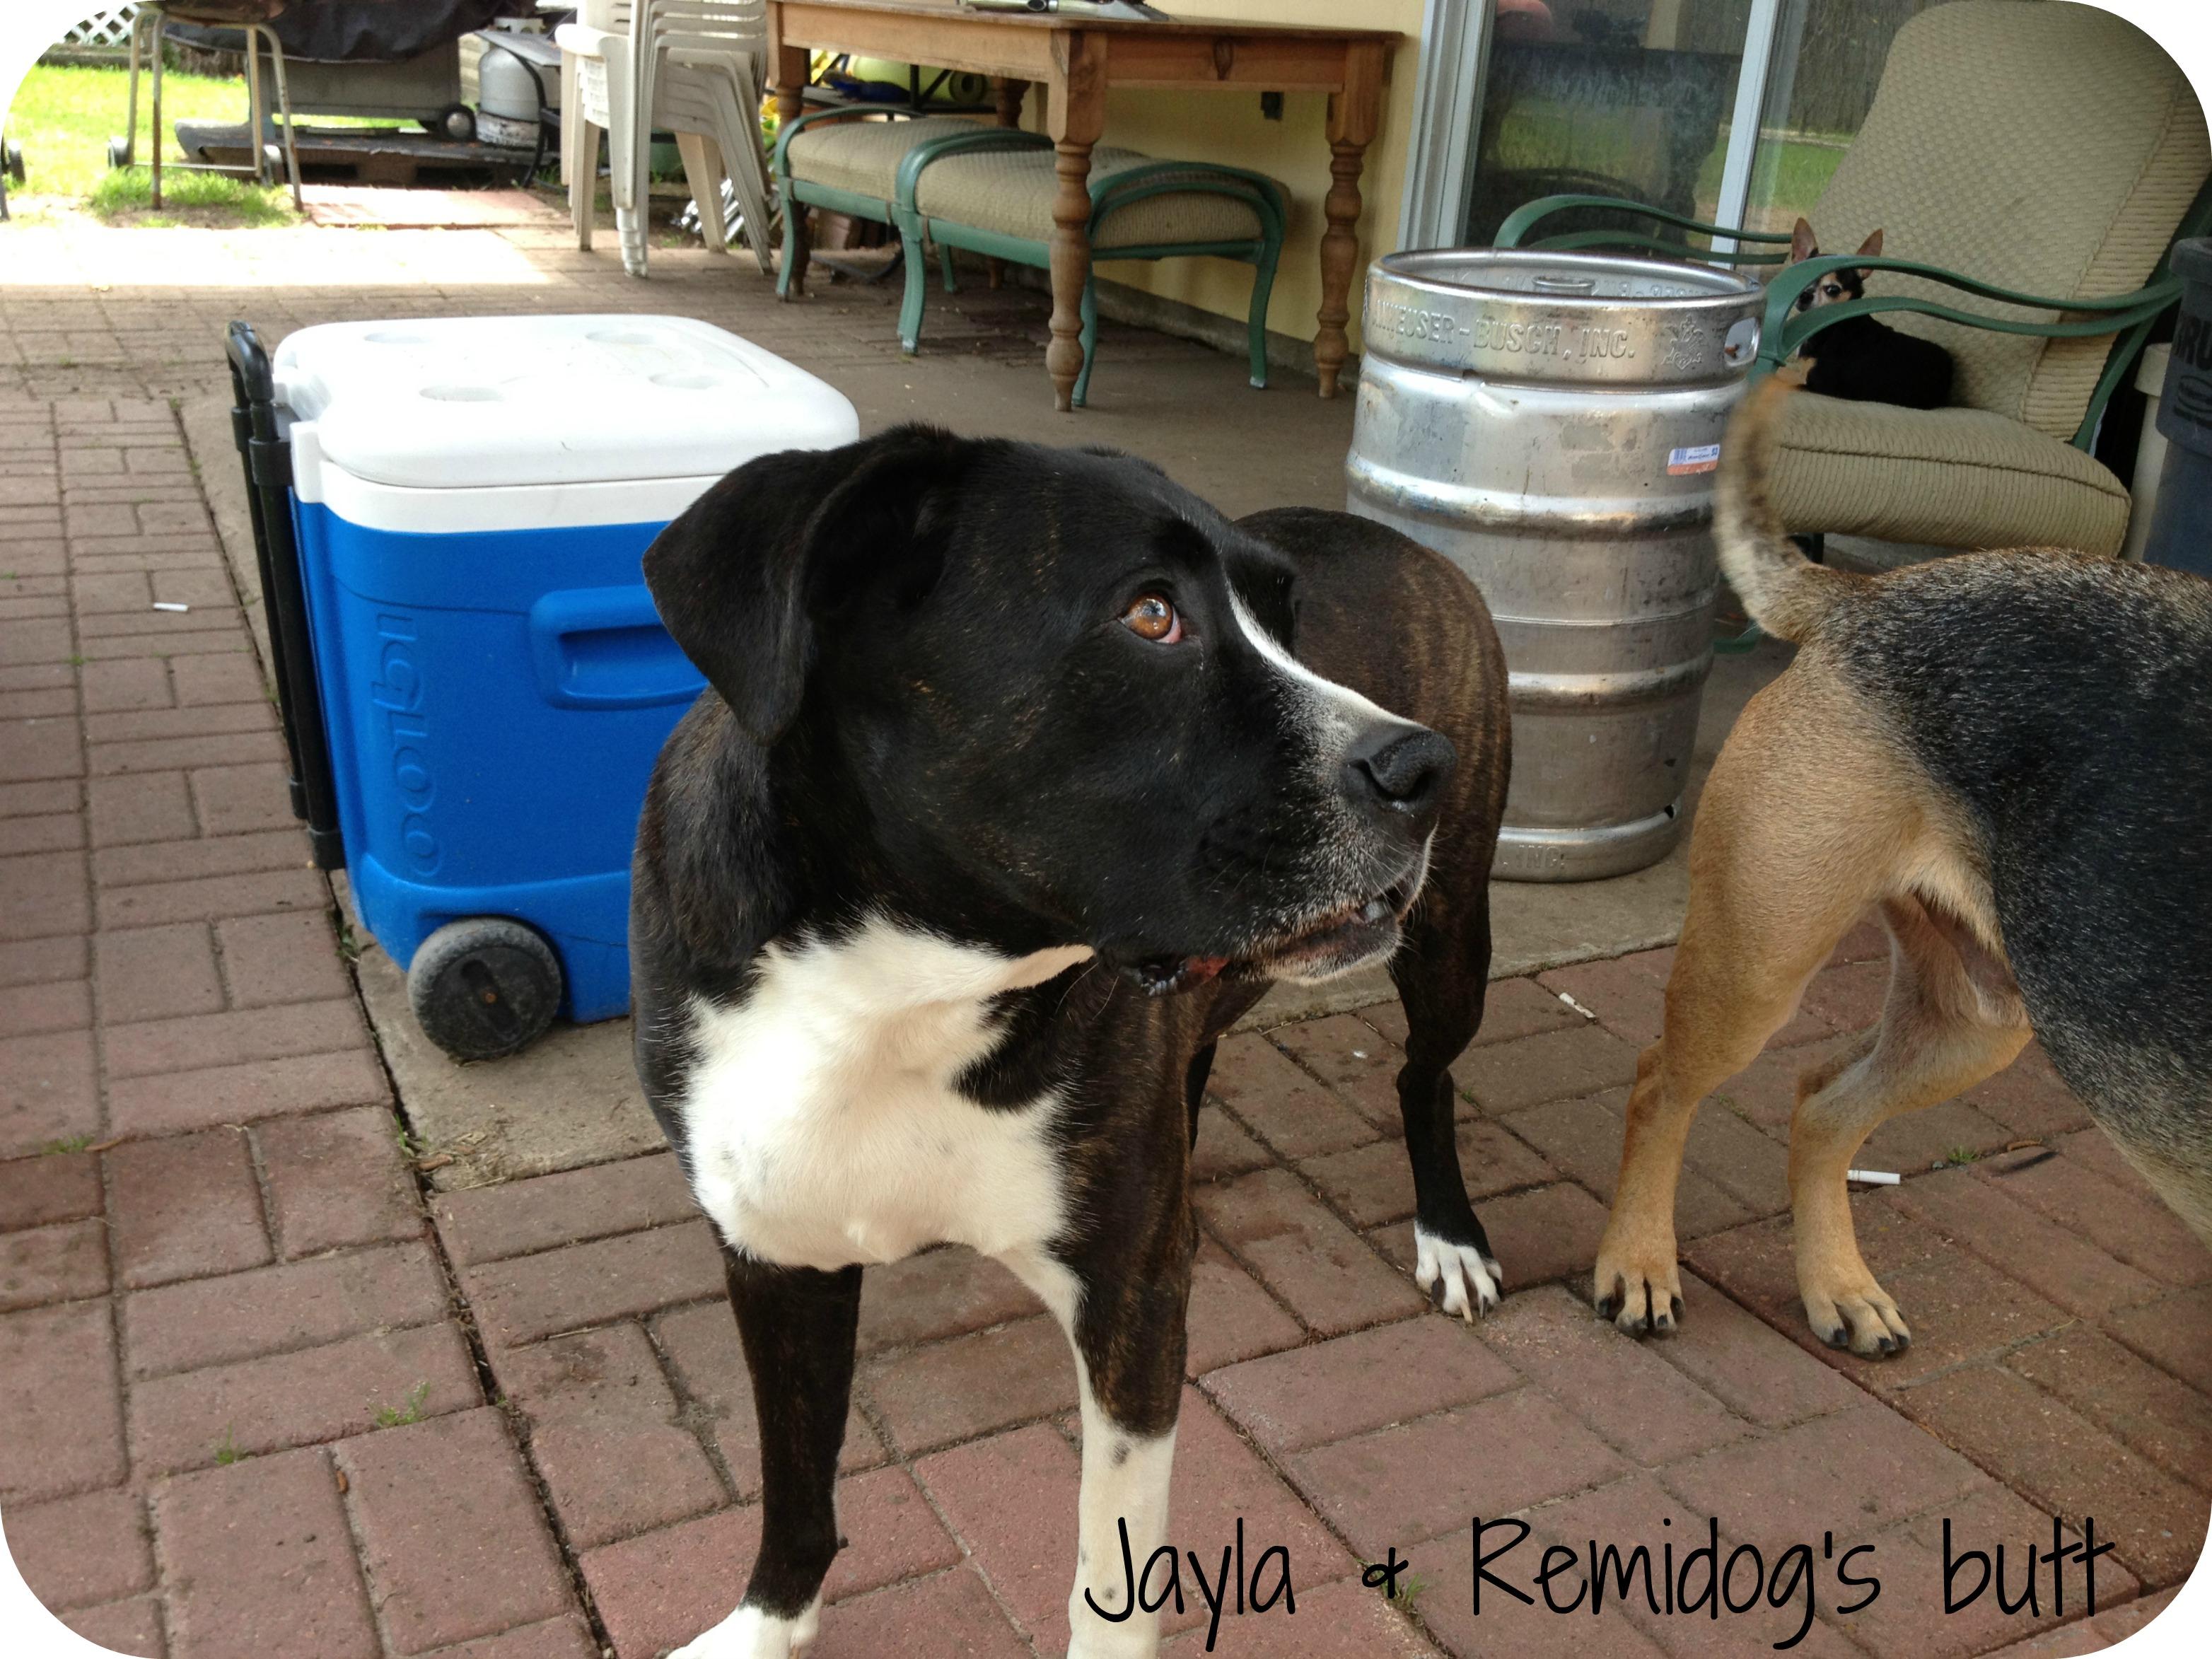 Jayla & Remidog's butt